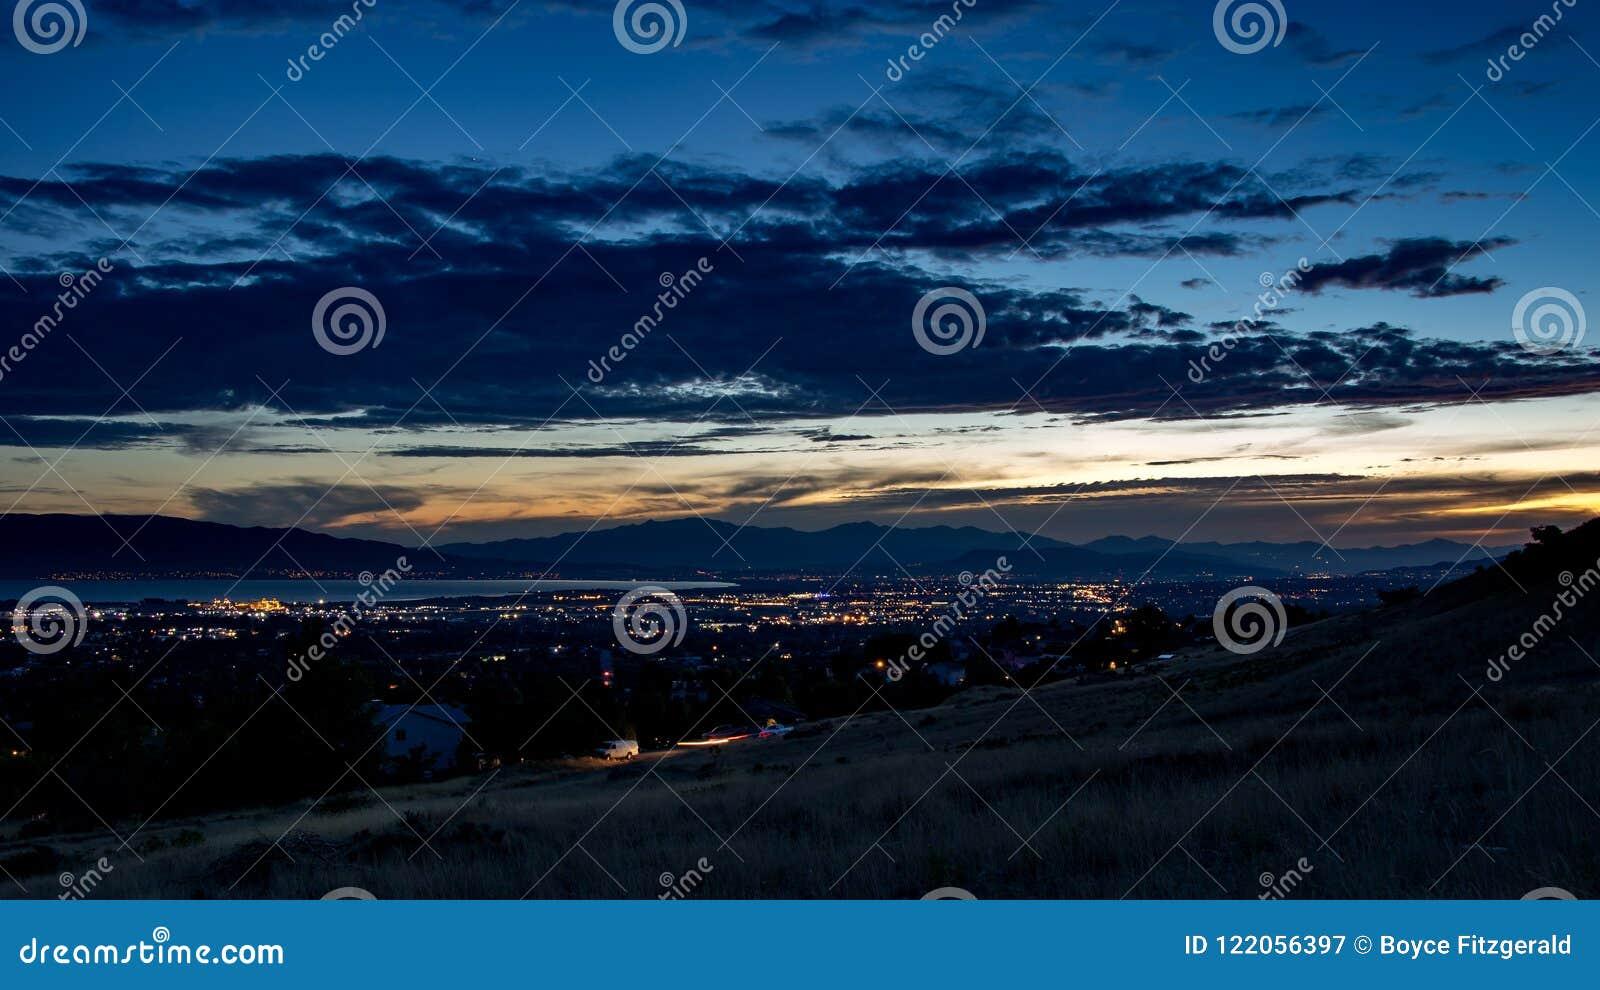 Skymning faller över en sömnig stad i en dal med berg och en sjö i bakgrunden